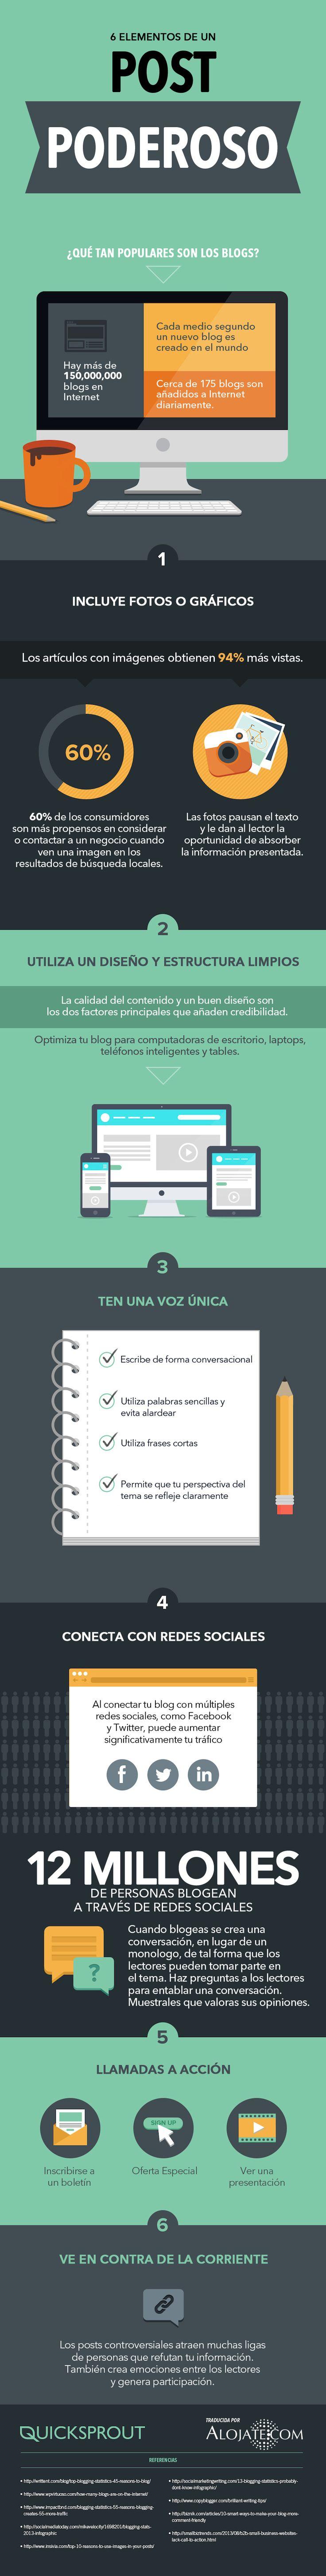 6 elementos para hacer el post más potente de tu #blog #blogging http://ecommerceymarketing.wordpress.com/2014/08/04/6-elementos-para-hacer-el-post-mas-potente-de-tu-blog/ #infografía